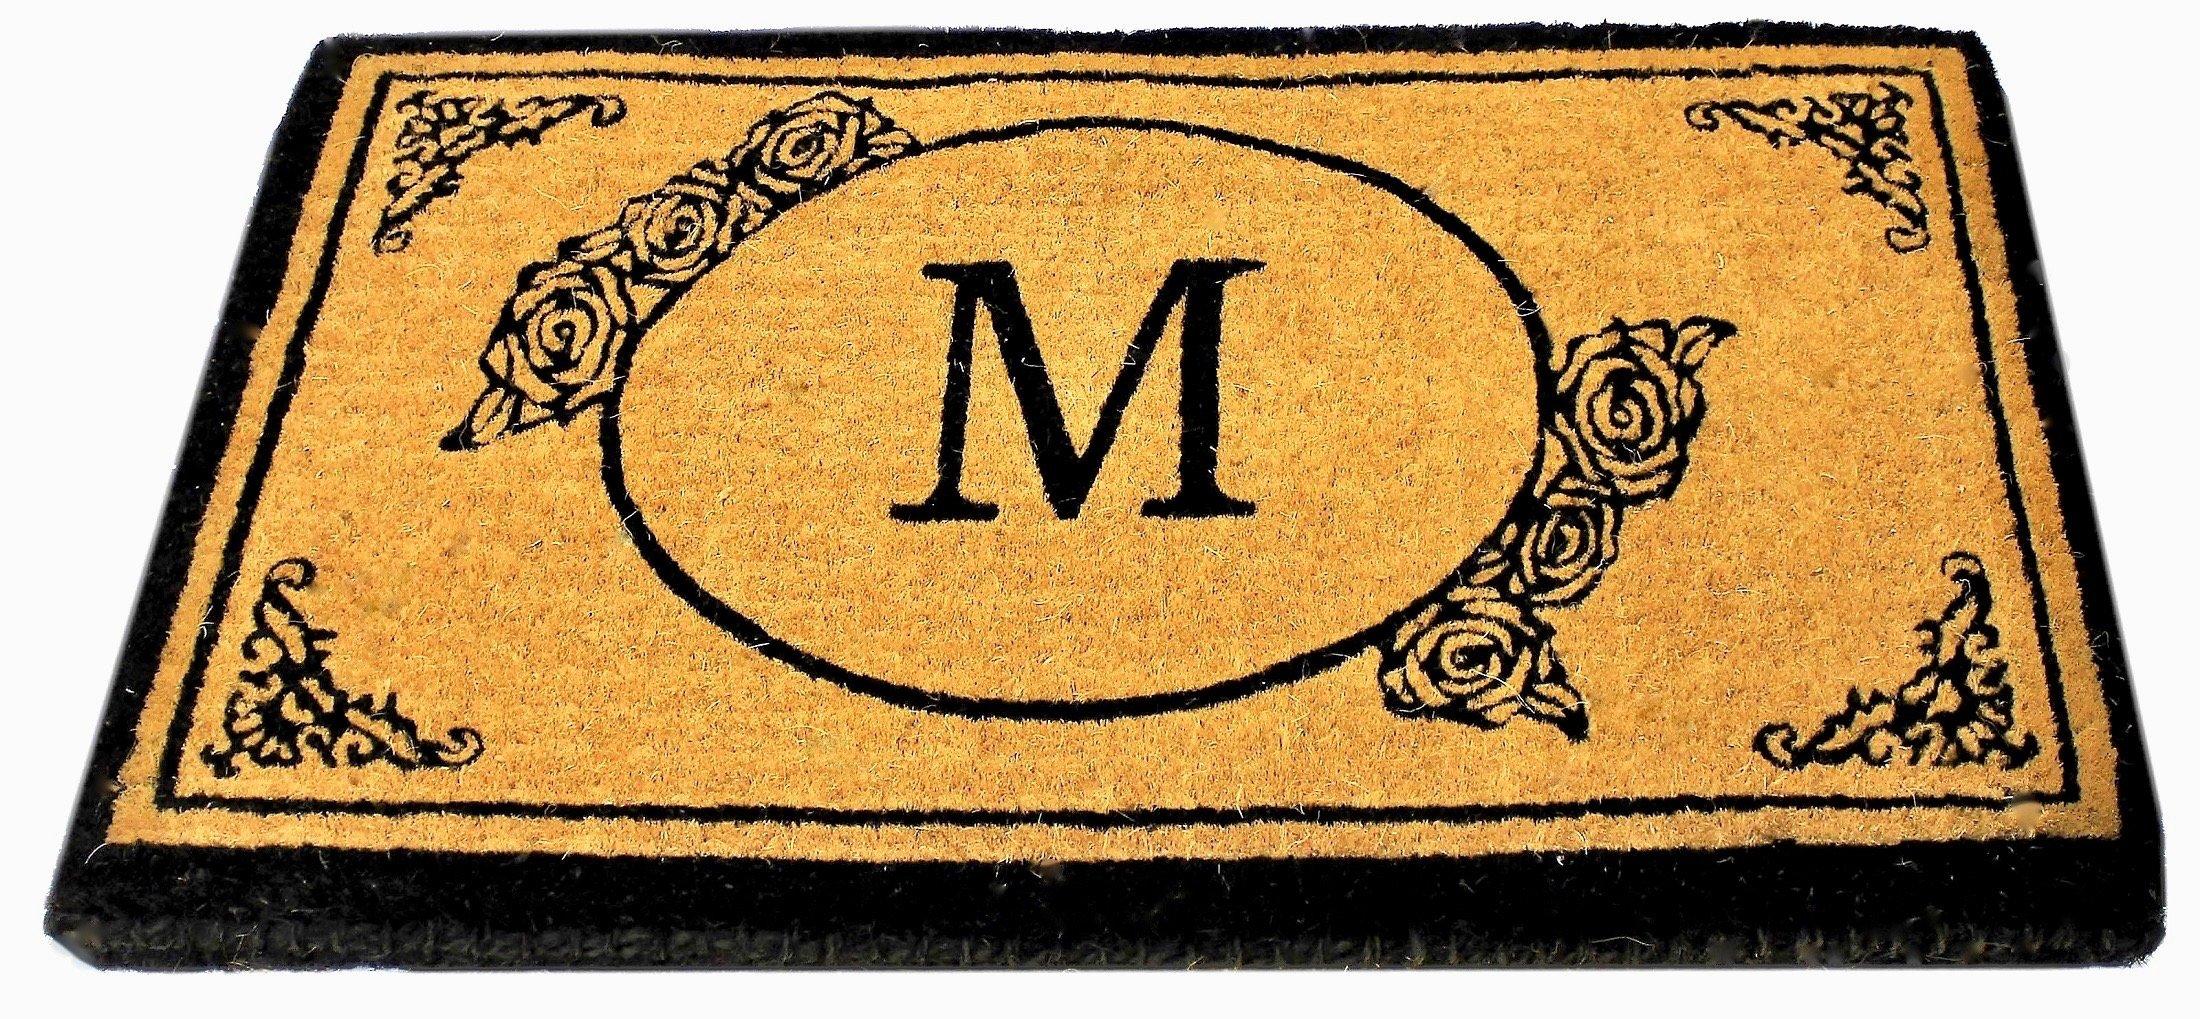 Envelor Home and Garden Handwoven, Customized Monogram Extra Thick Doormat, Outdoor Rugs Durable Coir, Outdoor Doormat, Welcome Mat Entryway Door Mat for Patio, Coir Doormat (30 x 48, Monogram M)